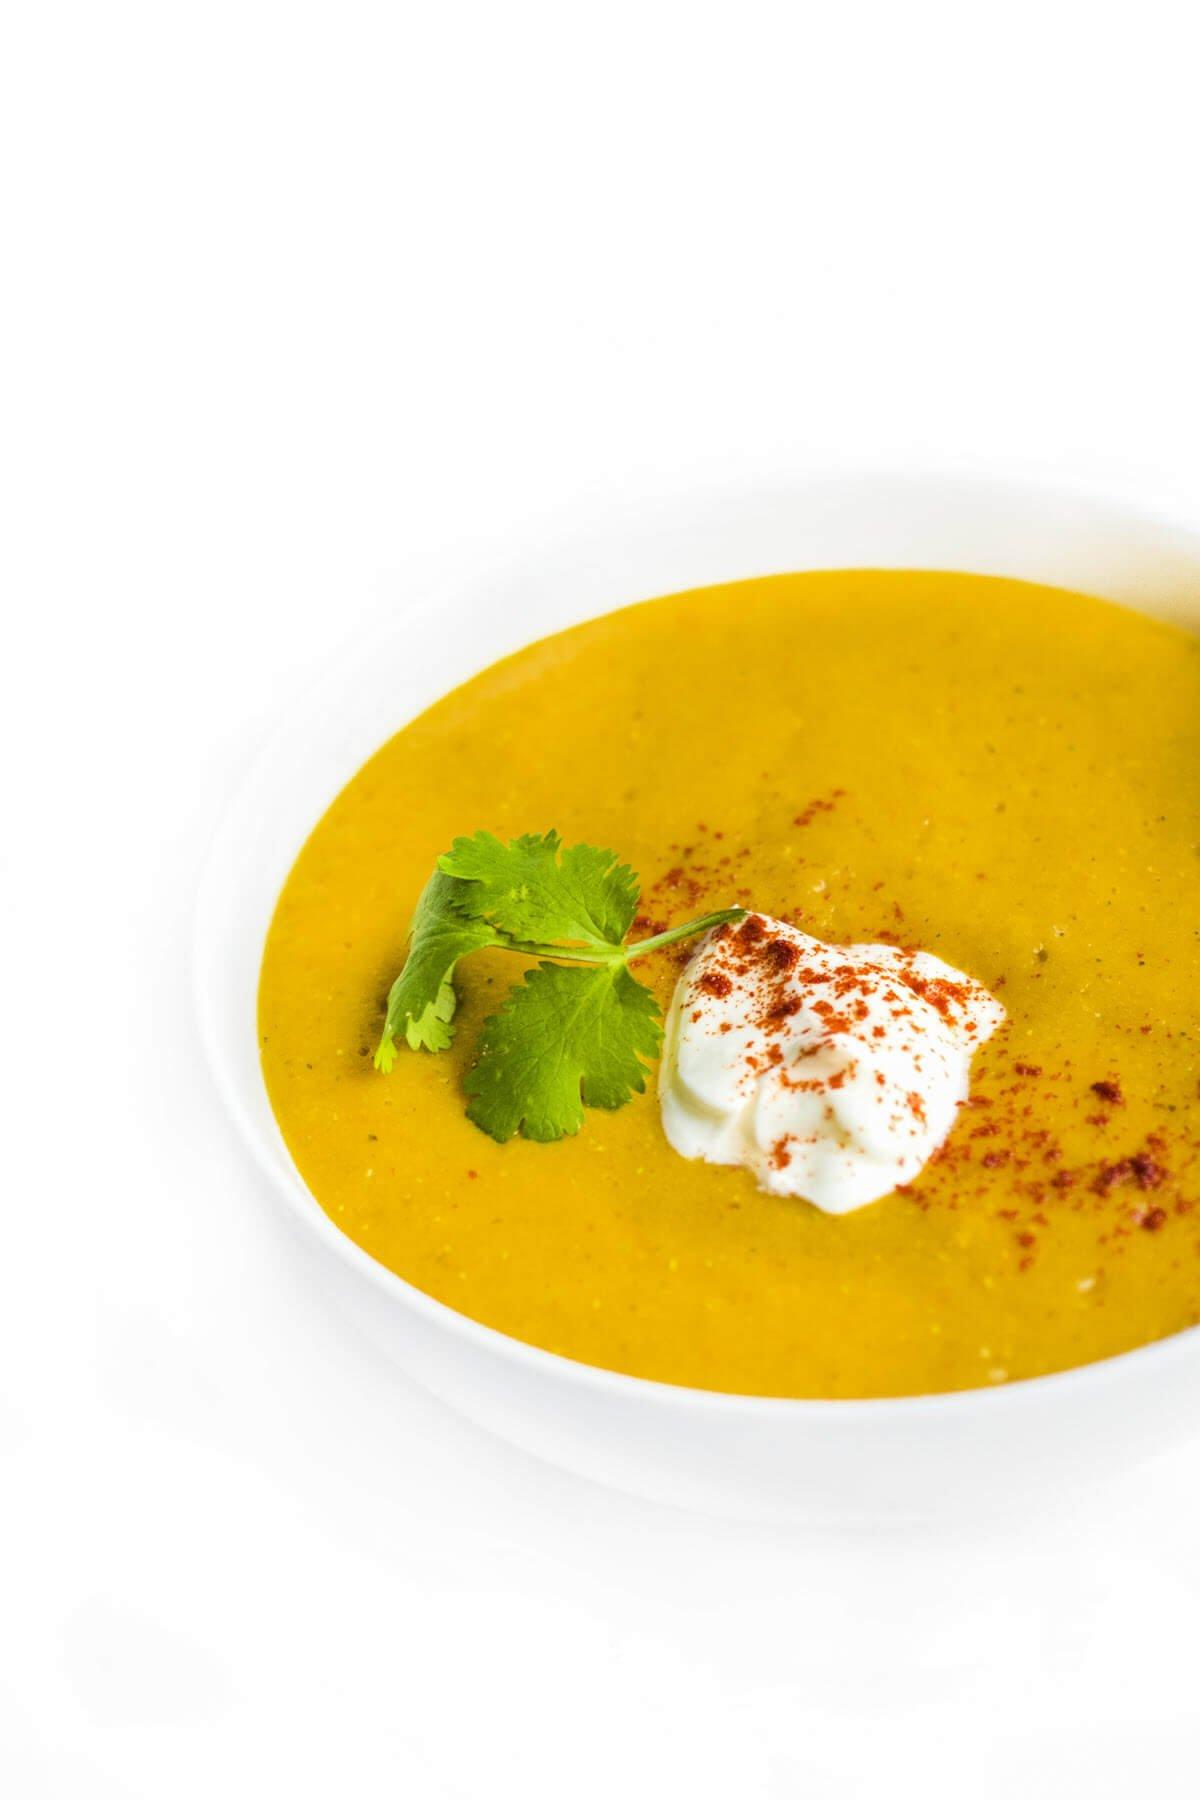 Slow Cooker Lebanese Lentil Soup - authentic Arabic recipe